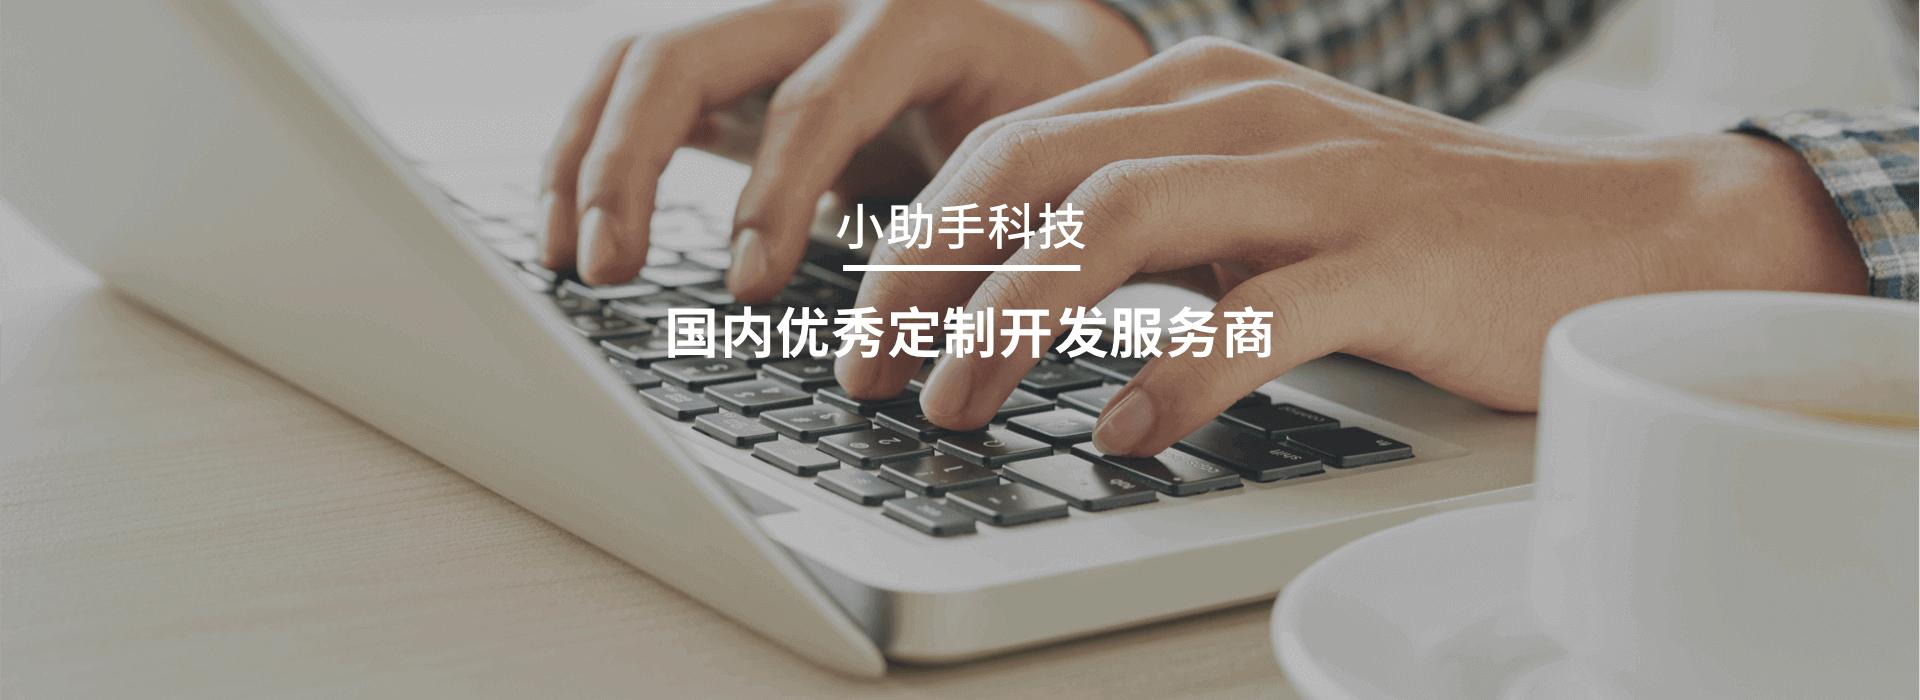 深圳市小助手科技有限公司-定制开发